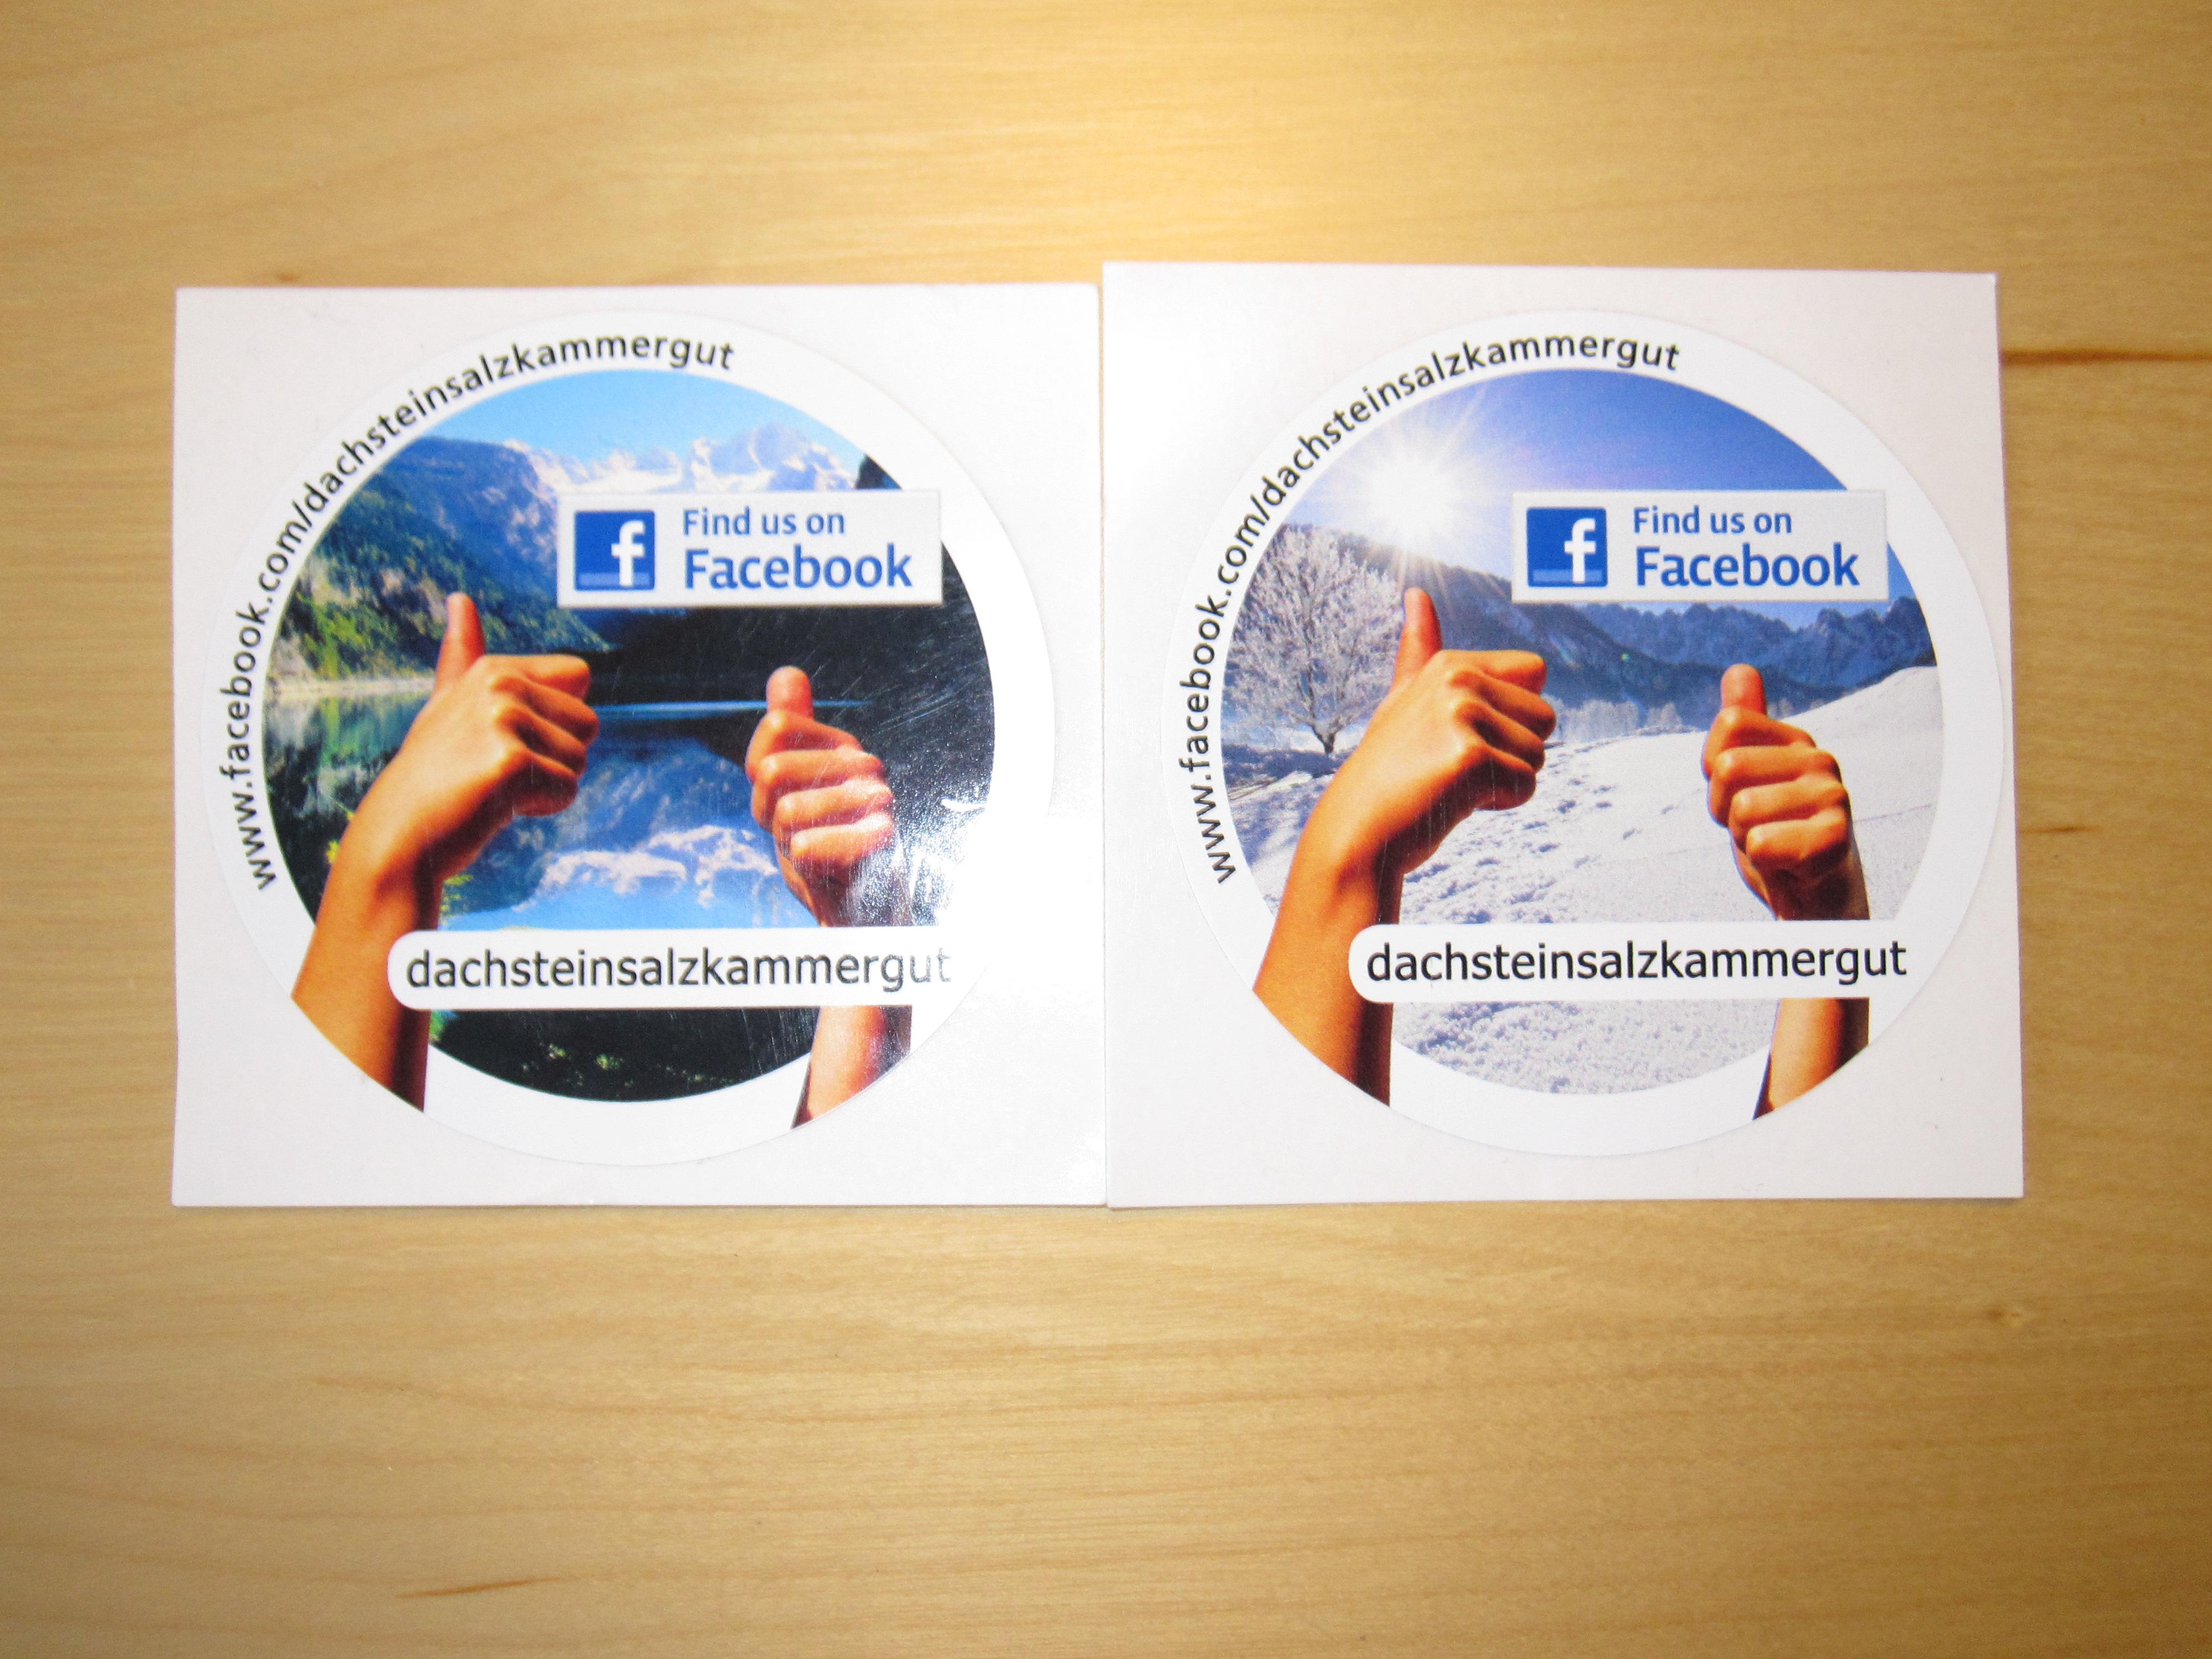 Facebook-Pickerl der Region Dachstein Salzkammergut